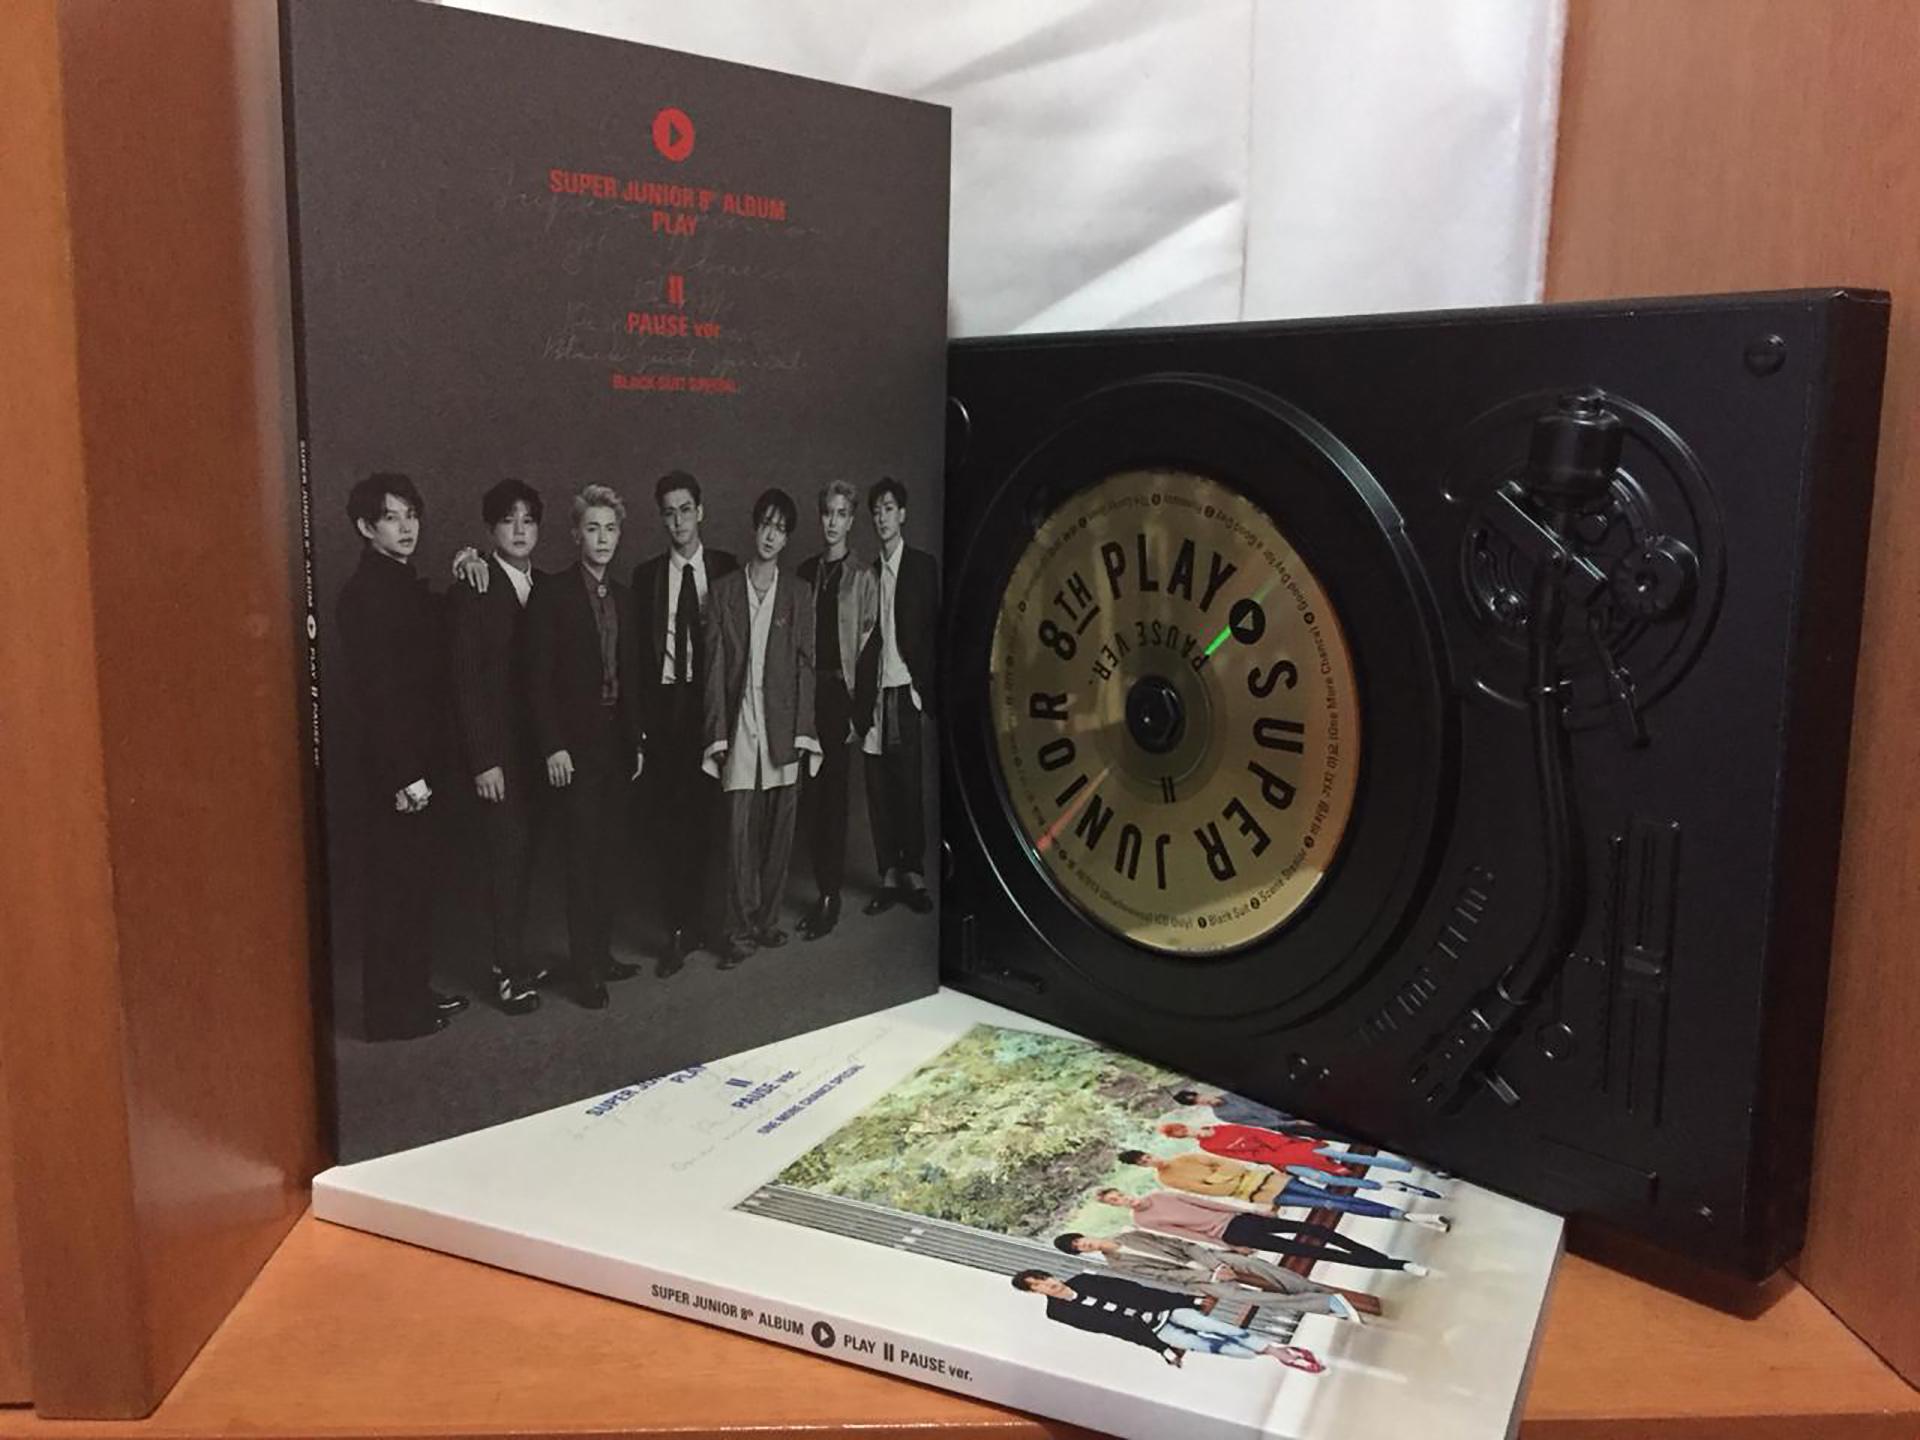 Los accesorios que acompañan a los discos, como los libros de fotos, son de colección